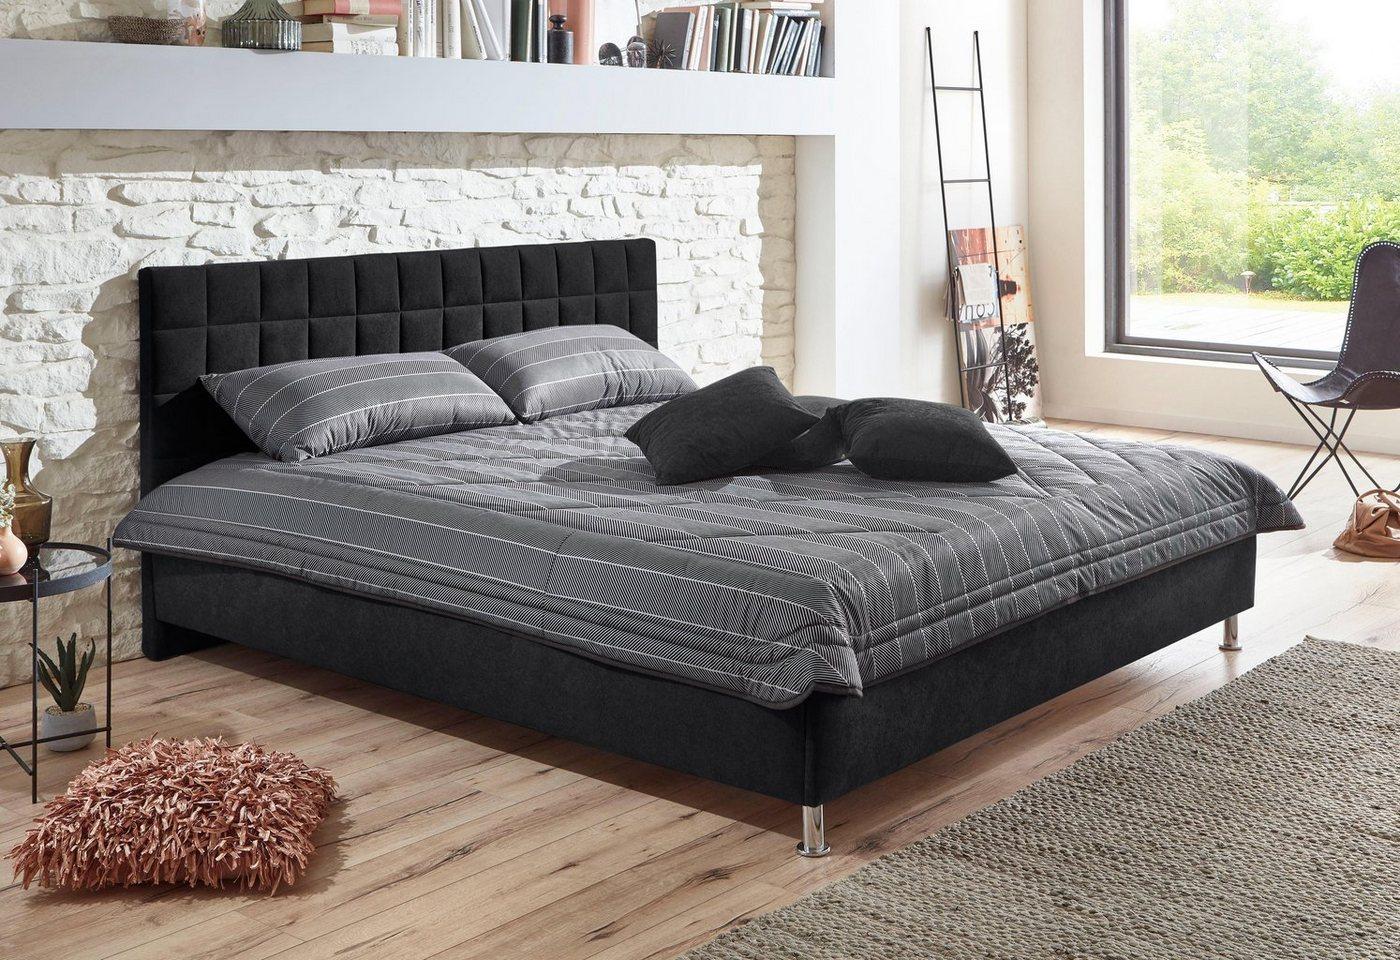 Westfalia Schlafkomfort Polsterbett in diversen Ausführungen